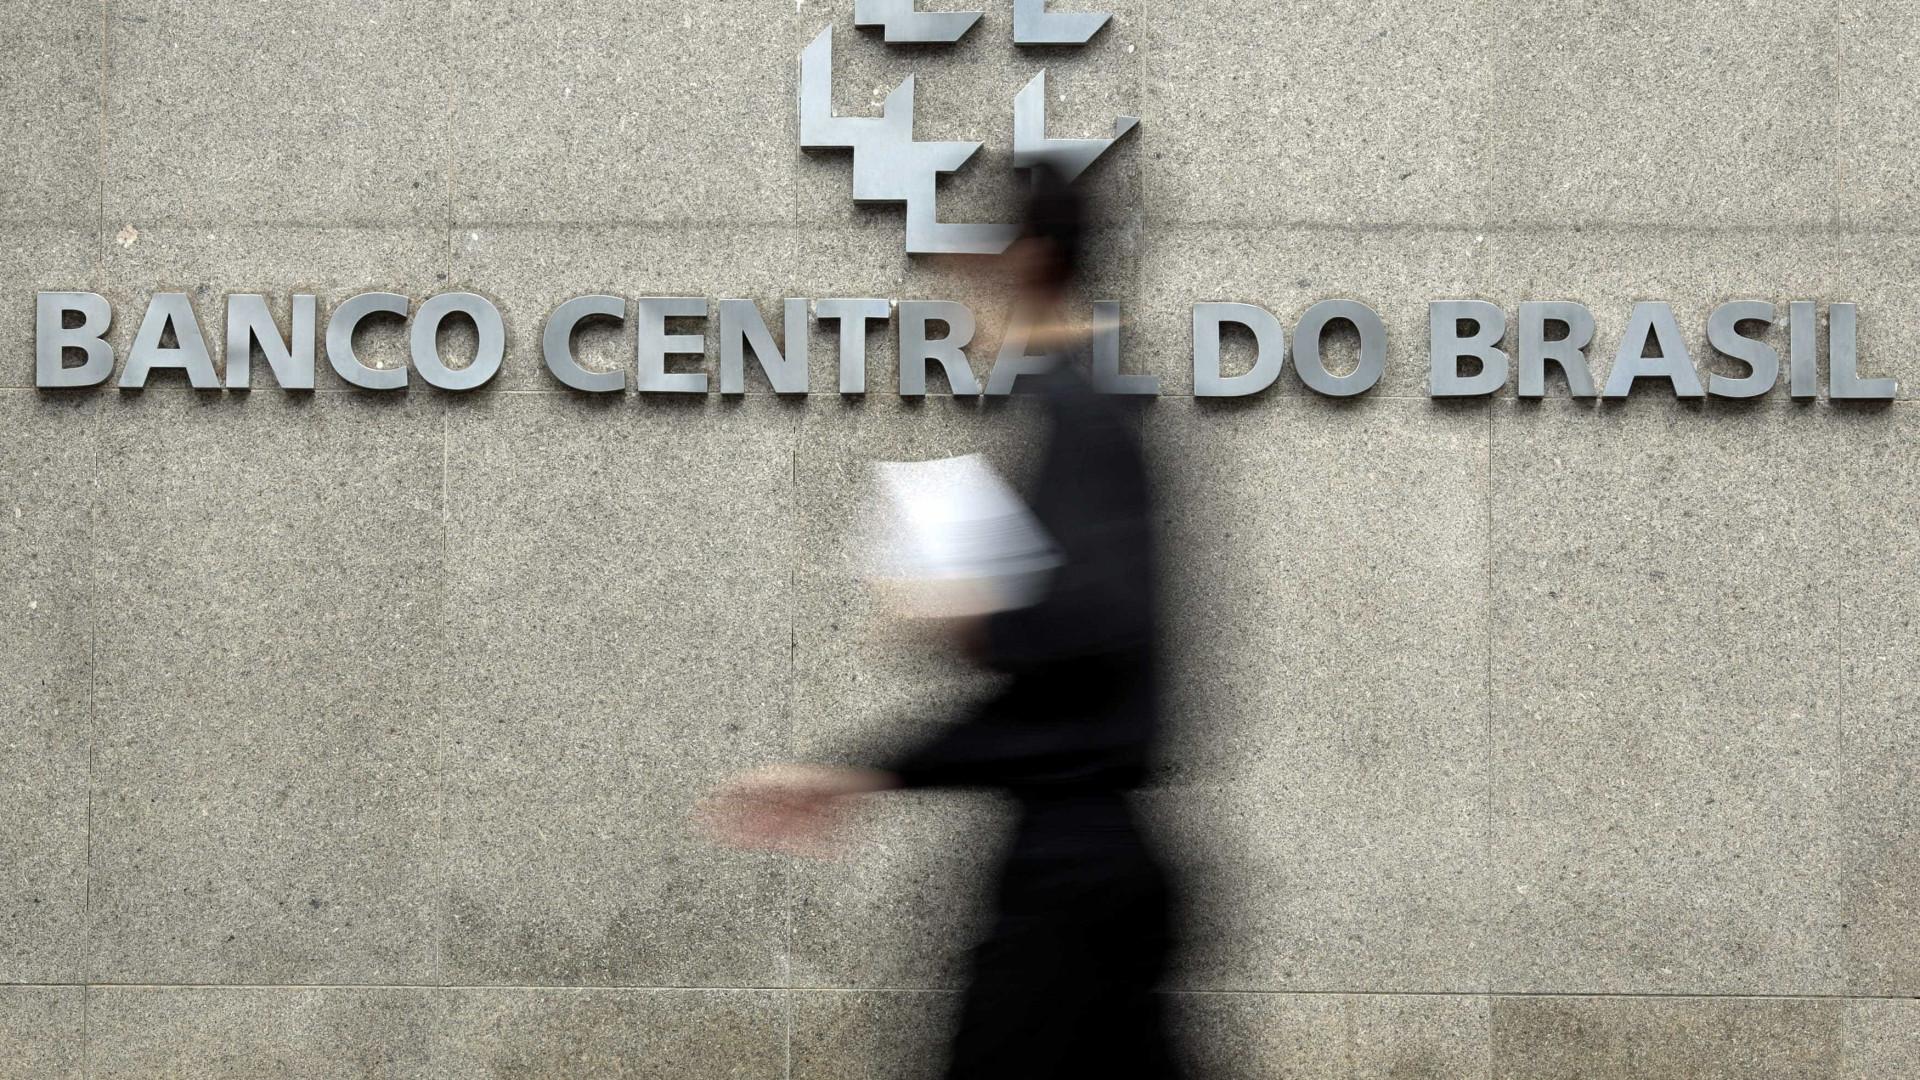 Banco Central diz que atividade econômica cresce 0,09% em fevereiro